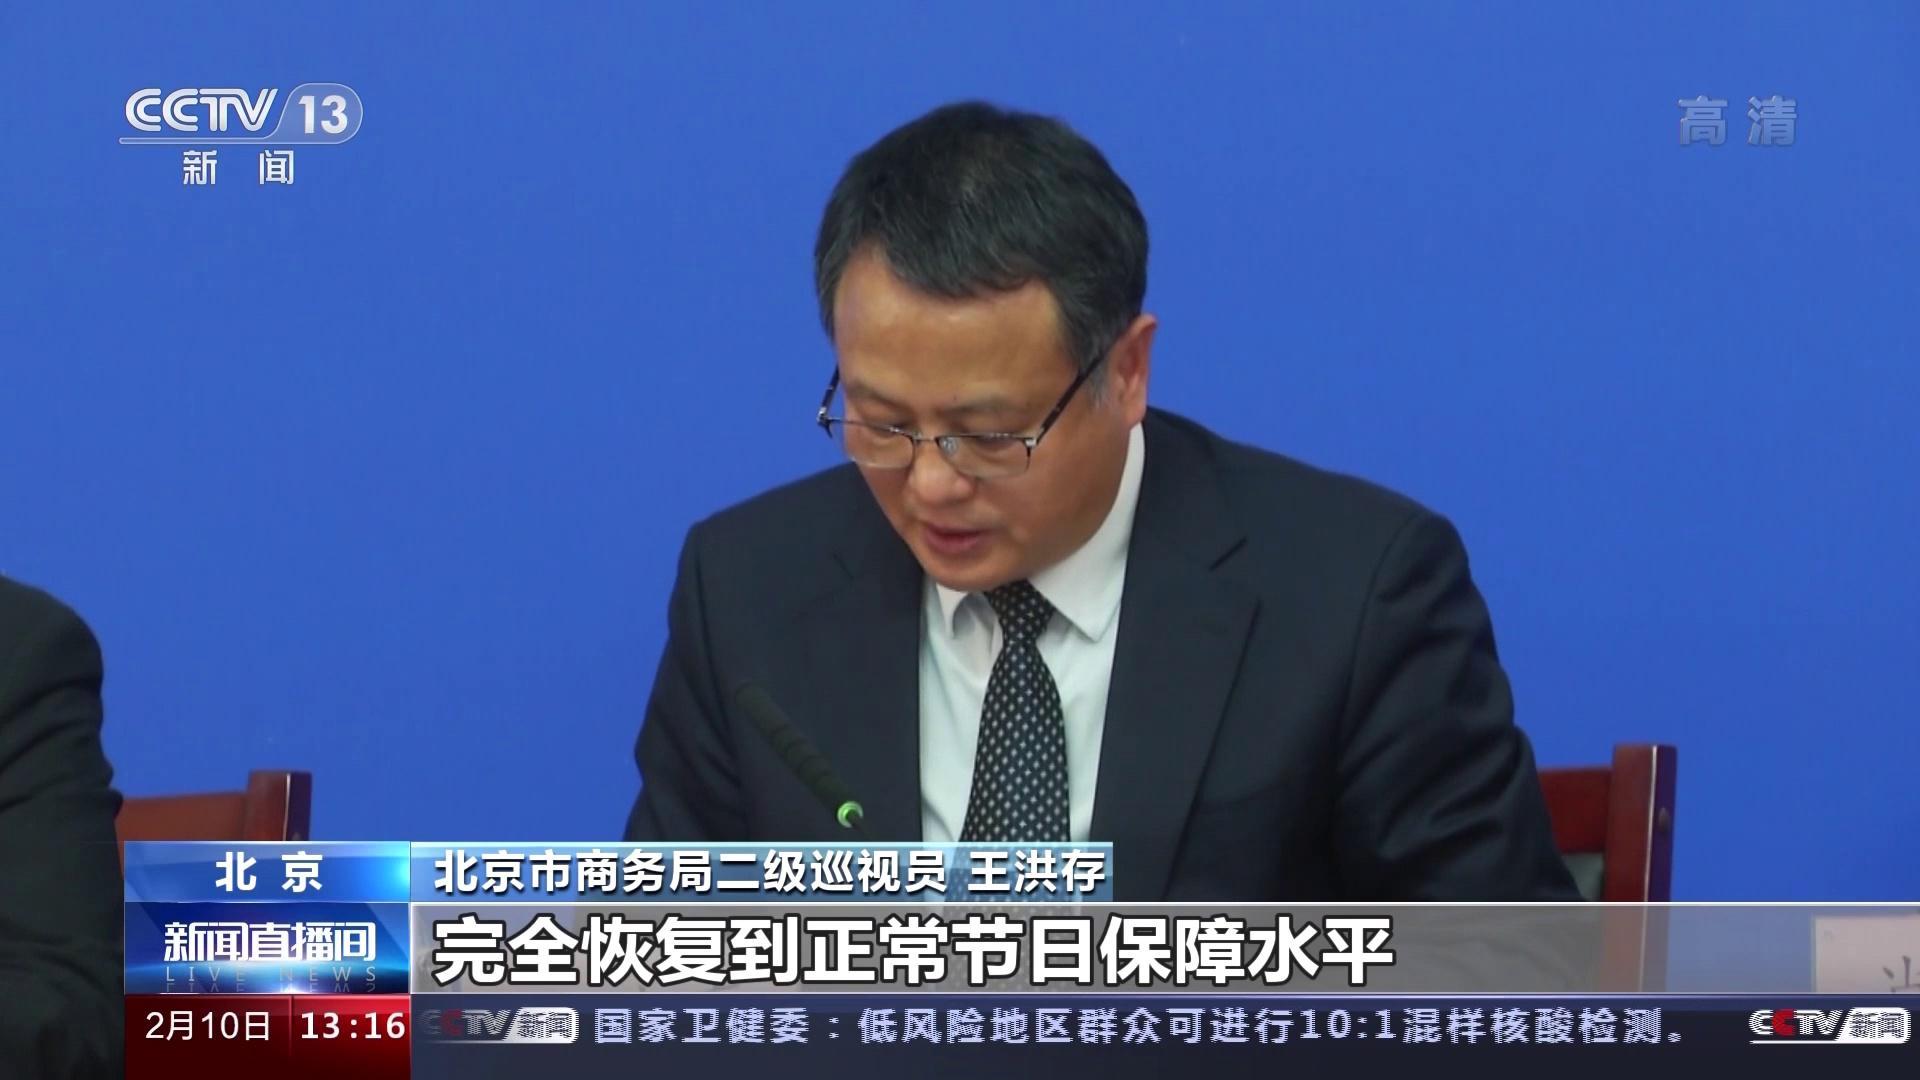 春节期间,北京连锁超市员工在岗率将超过90%